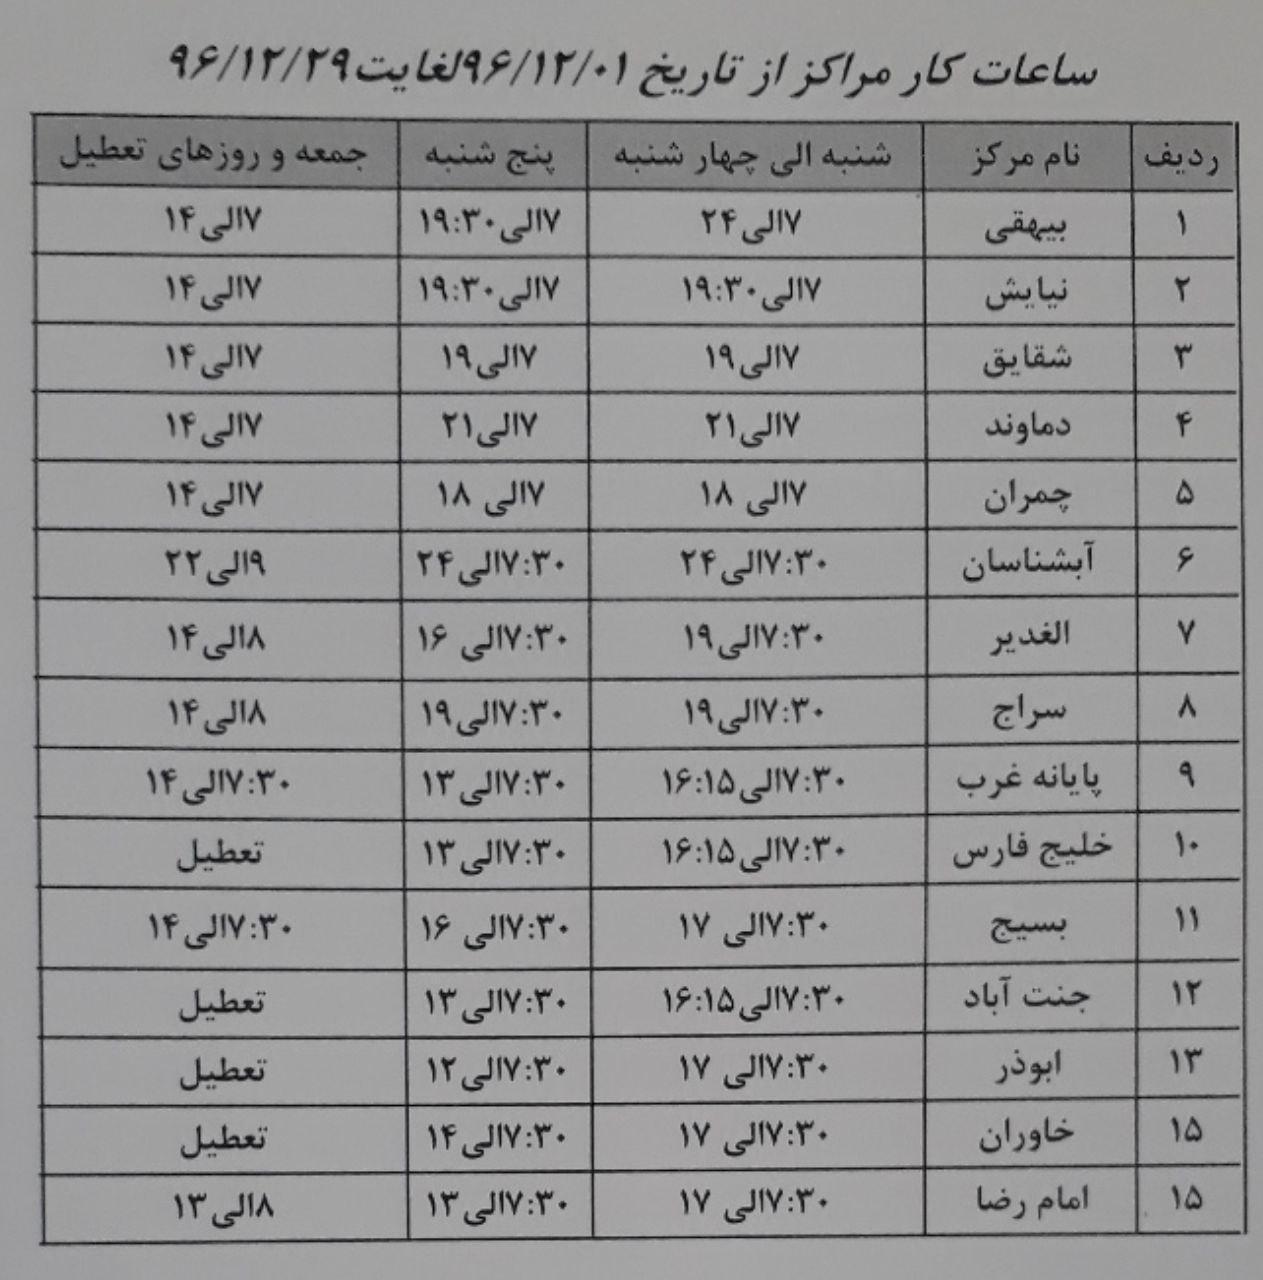 نوبت گیری معاینه فنی اینترنتی میشود/ اعلام زمان فعالیت مراکز معاینه فنی در اسفند ماه + جدول